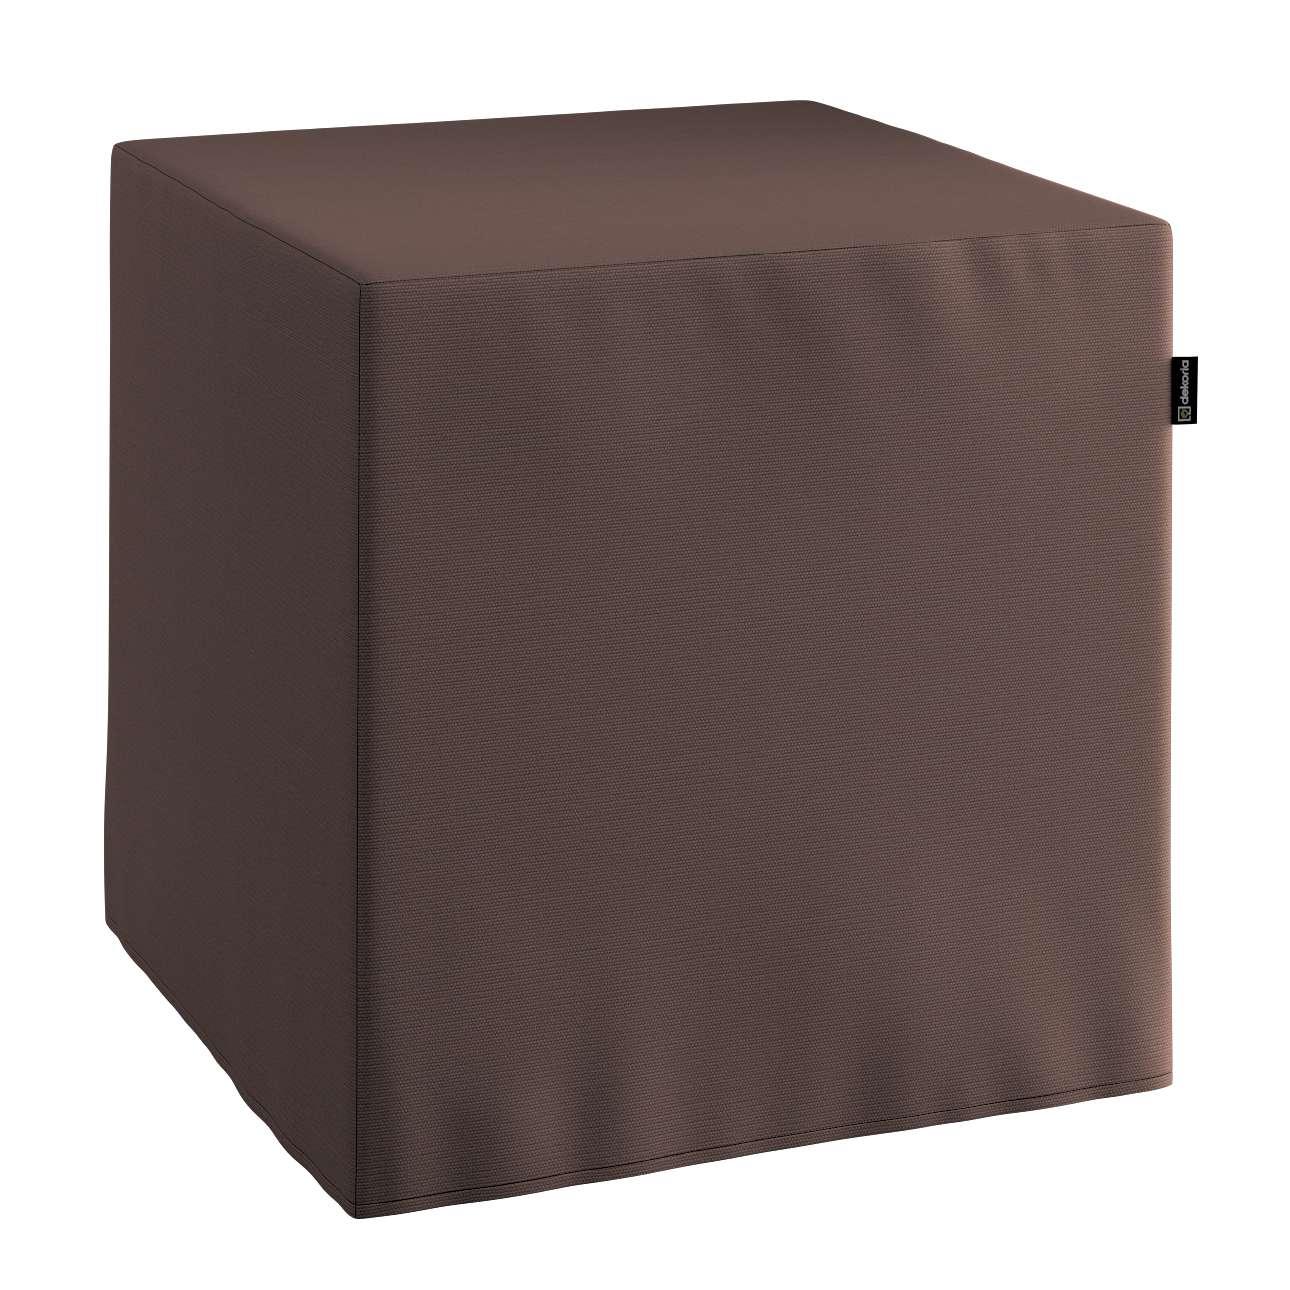 Bezug für Sitzwürfel, Kaffee, Bezug für Sitzwürfel 40x40x40 cm, Cotton Panama | Wohnzimmer > Hocker & Poufs > Sitzwürfel | Dekoria